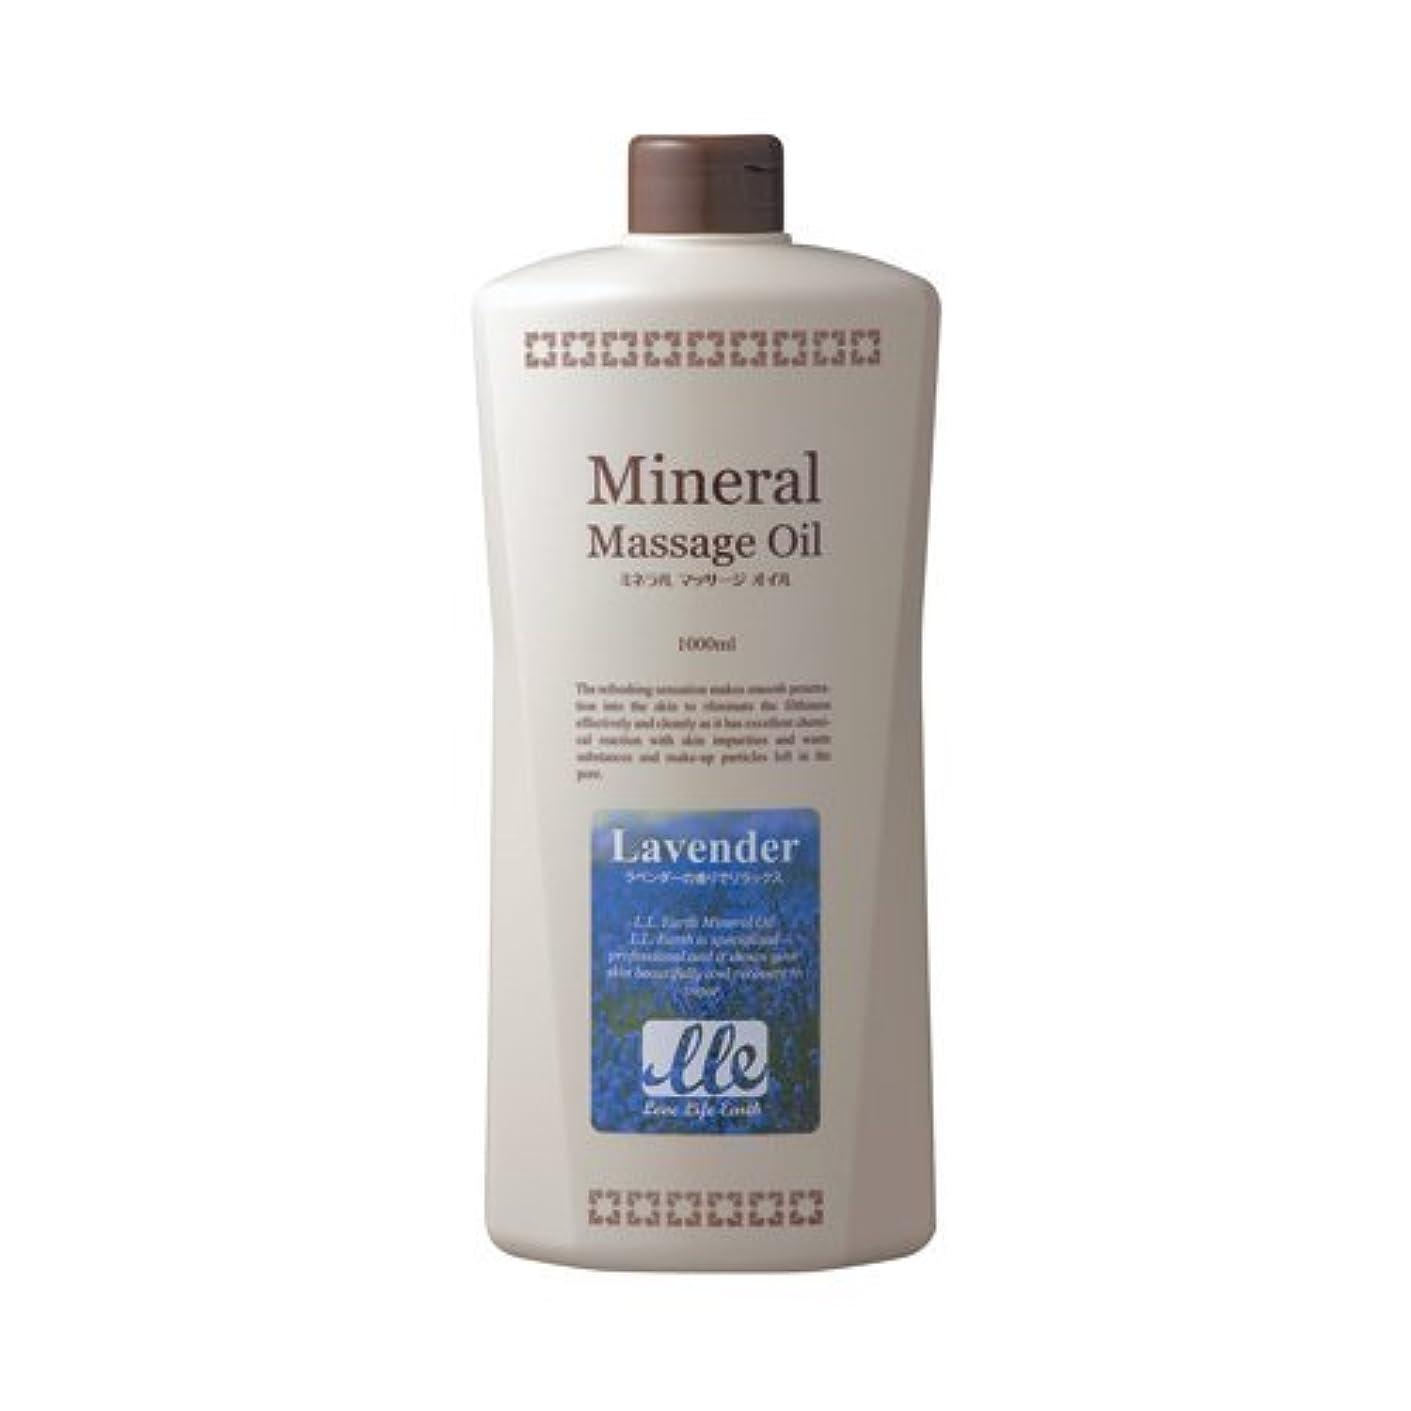 シアー壊れたセンサーLLE 業務用 ミネラル マッサージオイル [香り5種] (ボディ用) ラベンダー1L